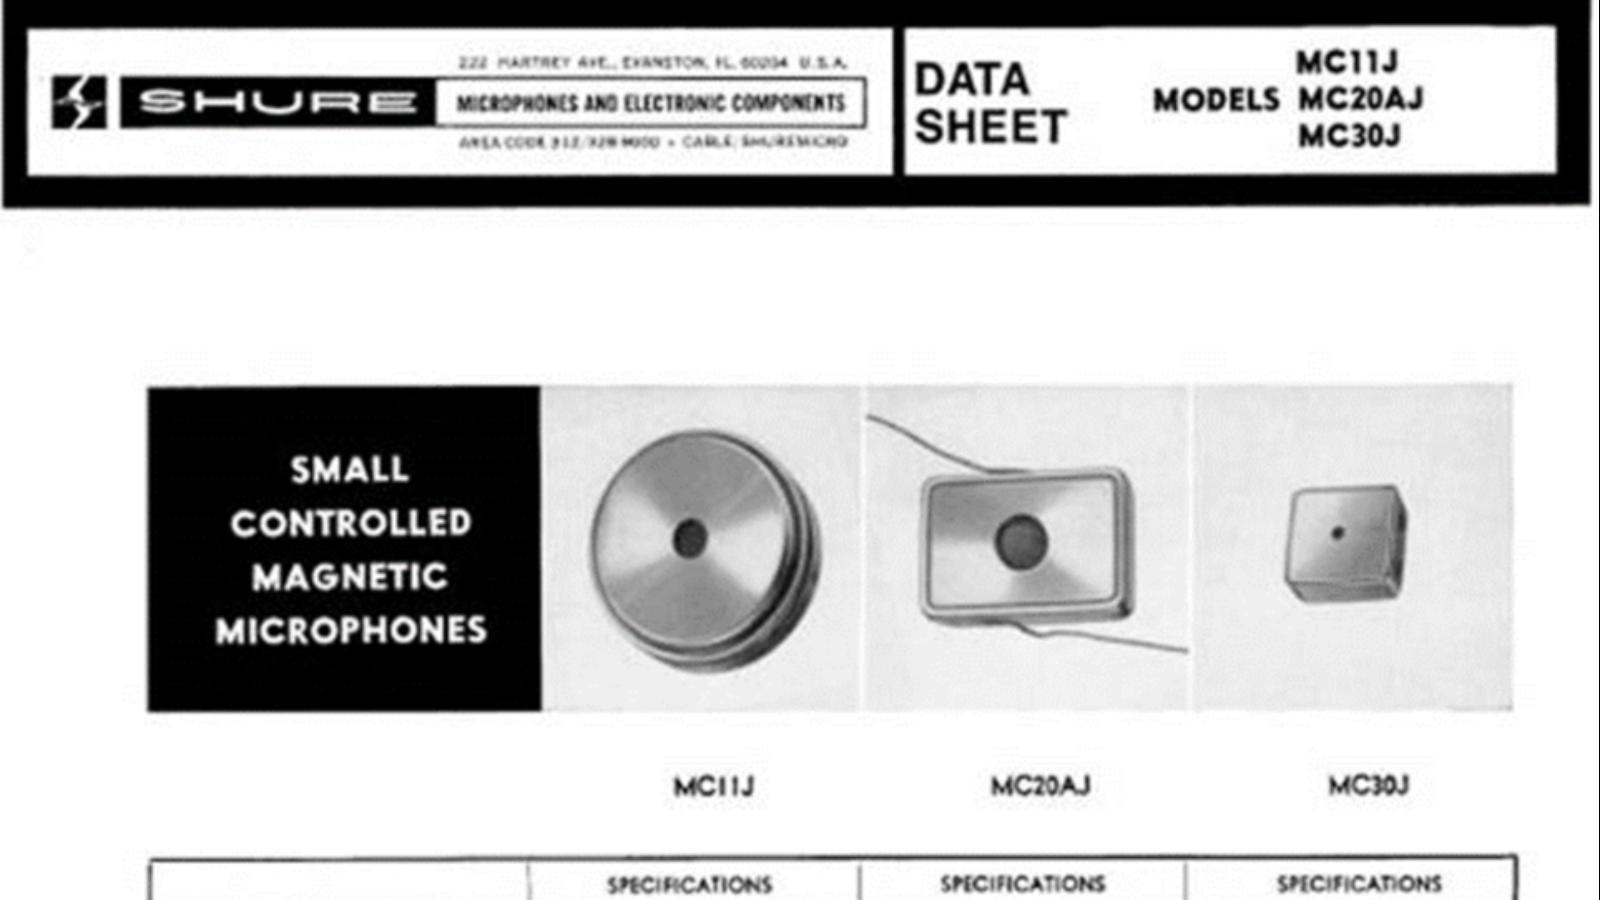 007 фактов о шпионских микрофонах 1950х и 1960х годов